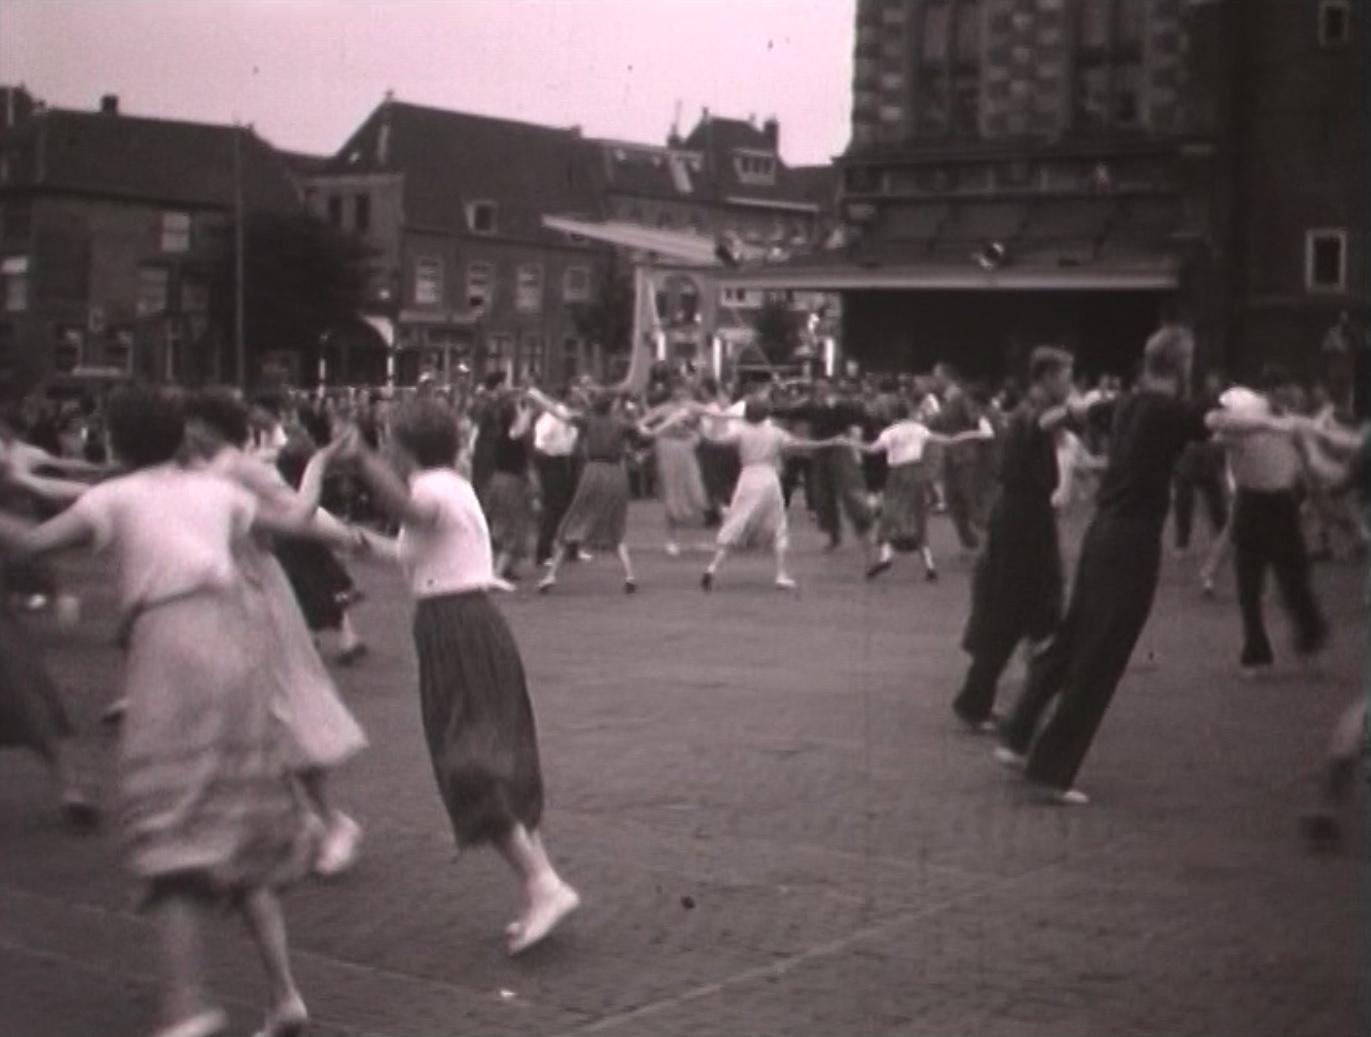 Bewegend Verleden: Volksdansen op het Waagplein in Alkmaar, 1954 [video]